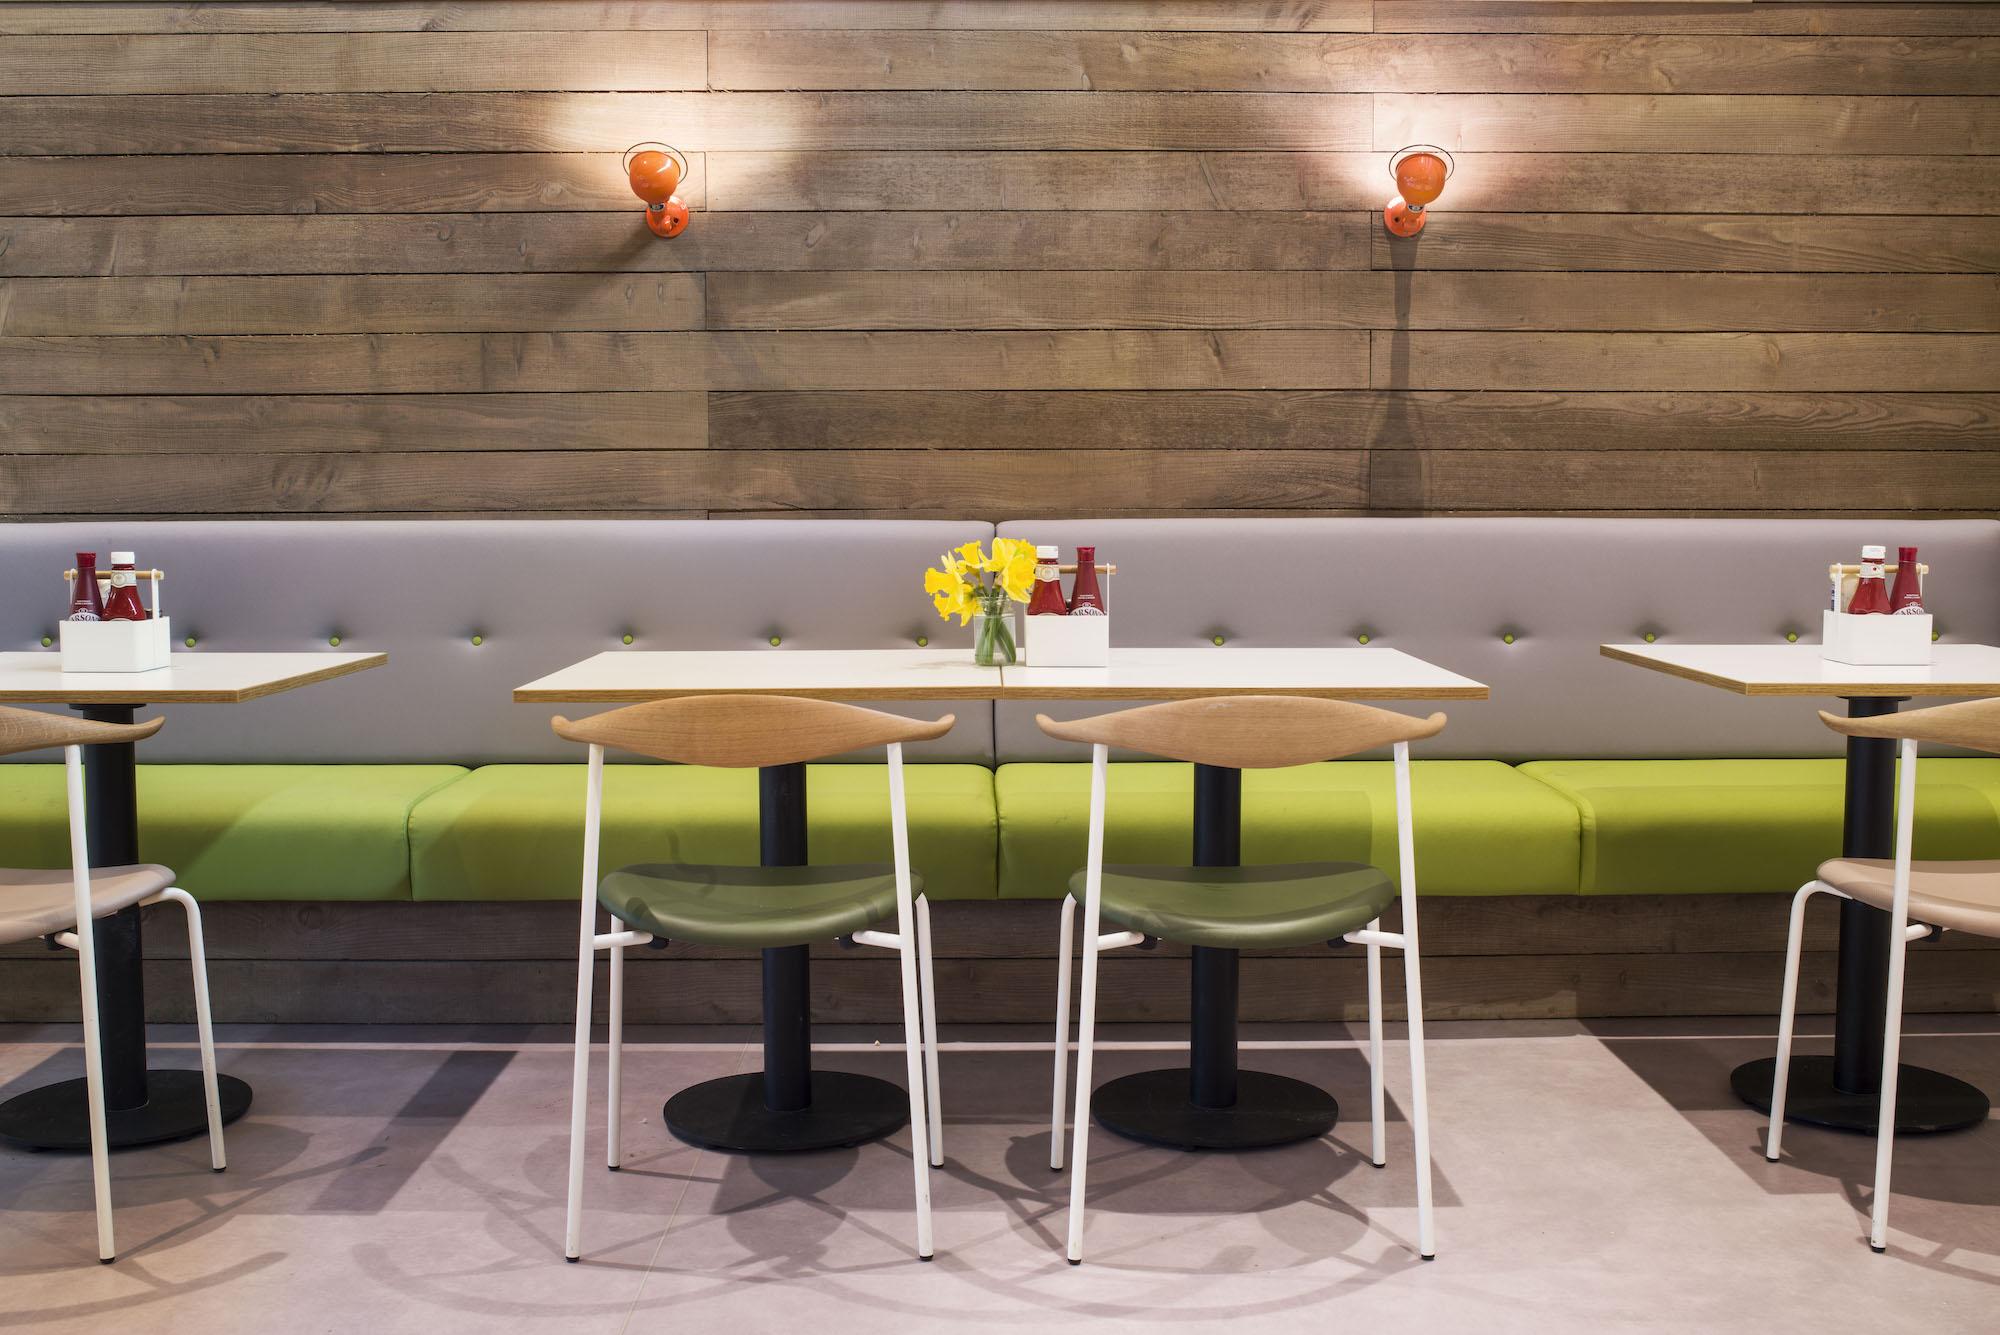 eleanor-bell-restaurant-lighting-trebah-cafe-led-wall-lights.jpg